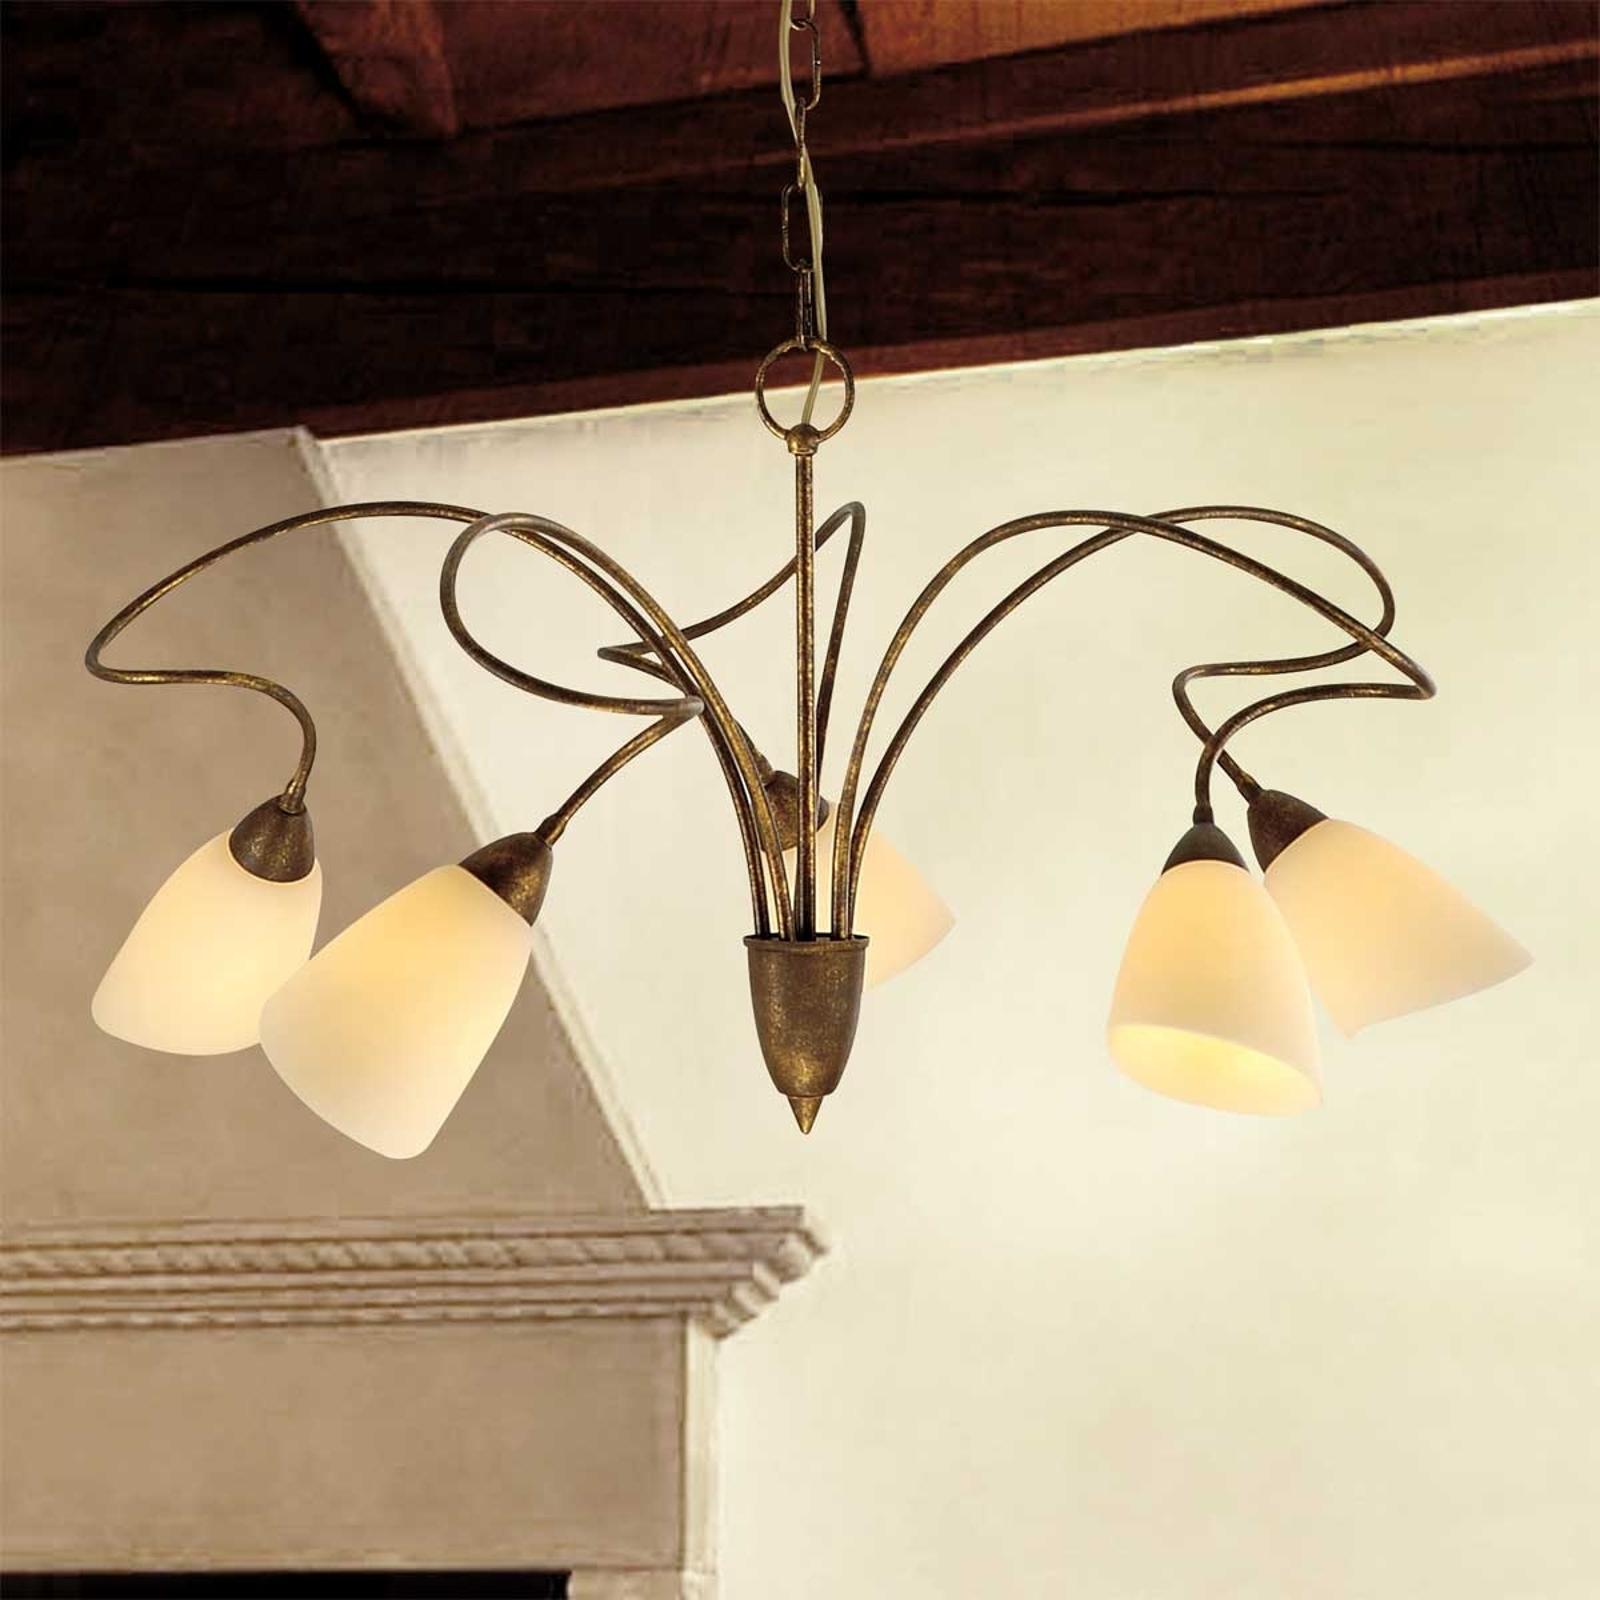 Landhuis-hanglamp Alessandro